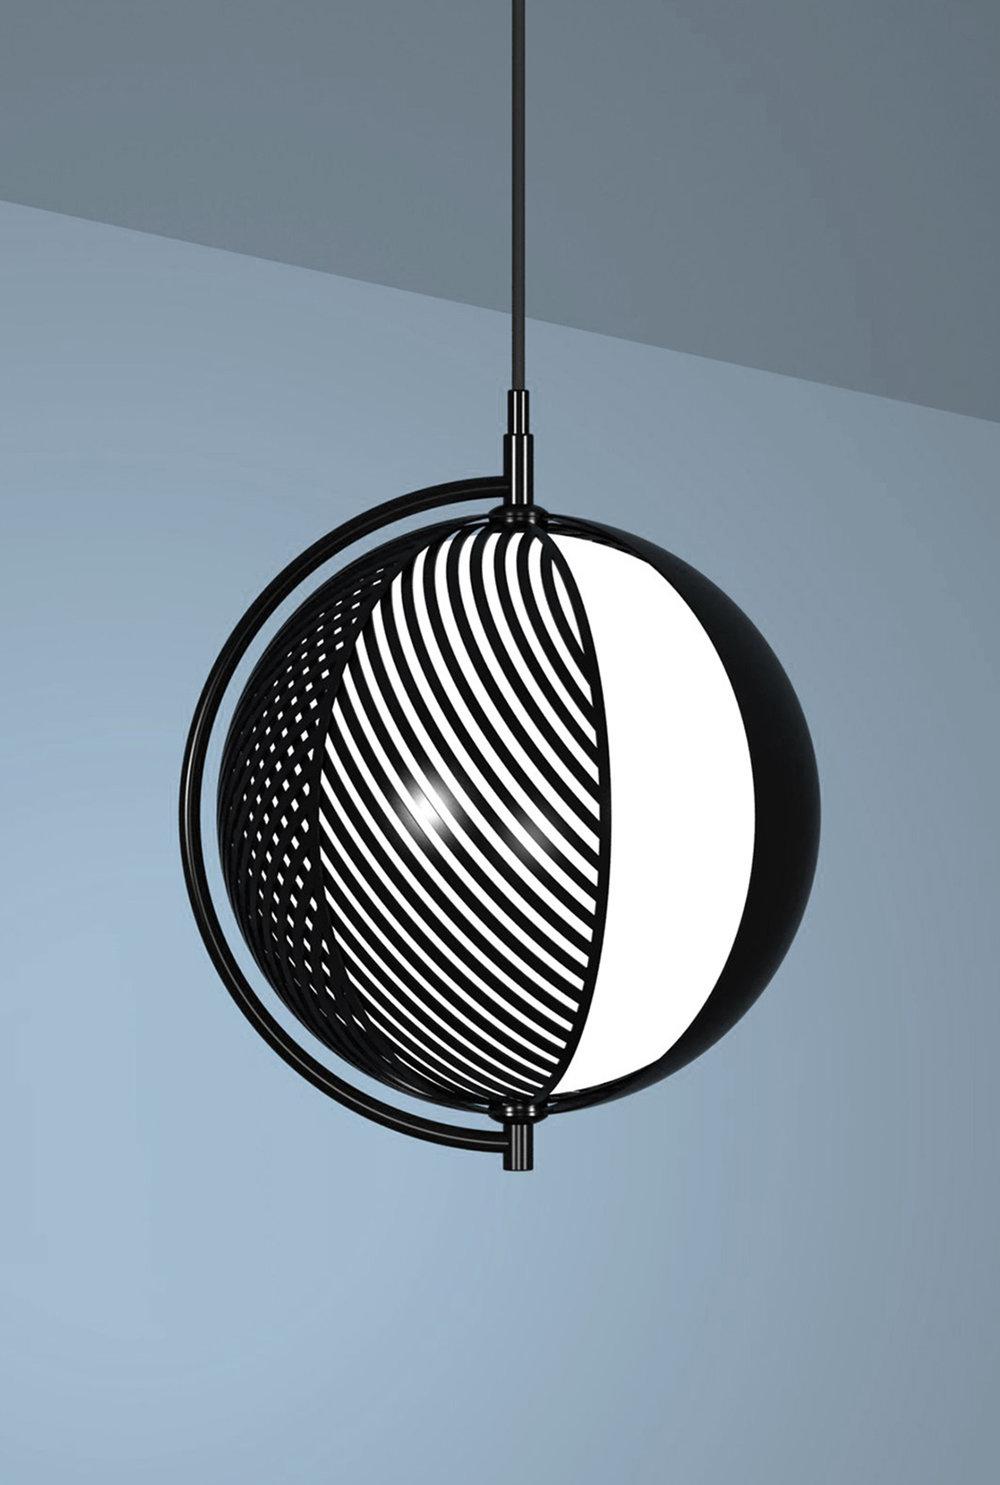 Mondo  pendant light designed by Antonio Facco for  Oblure  © Maison&Objet